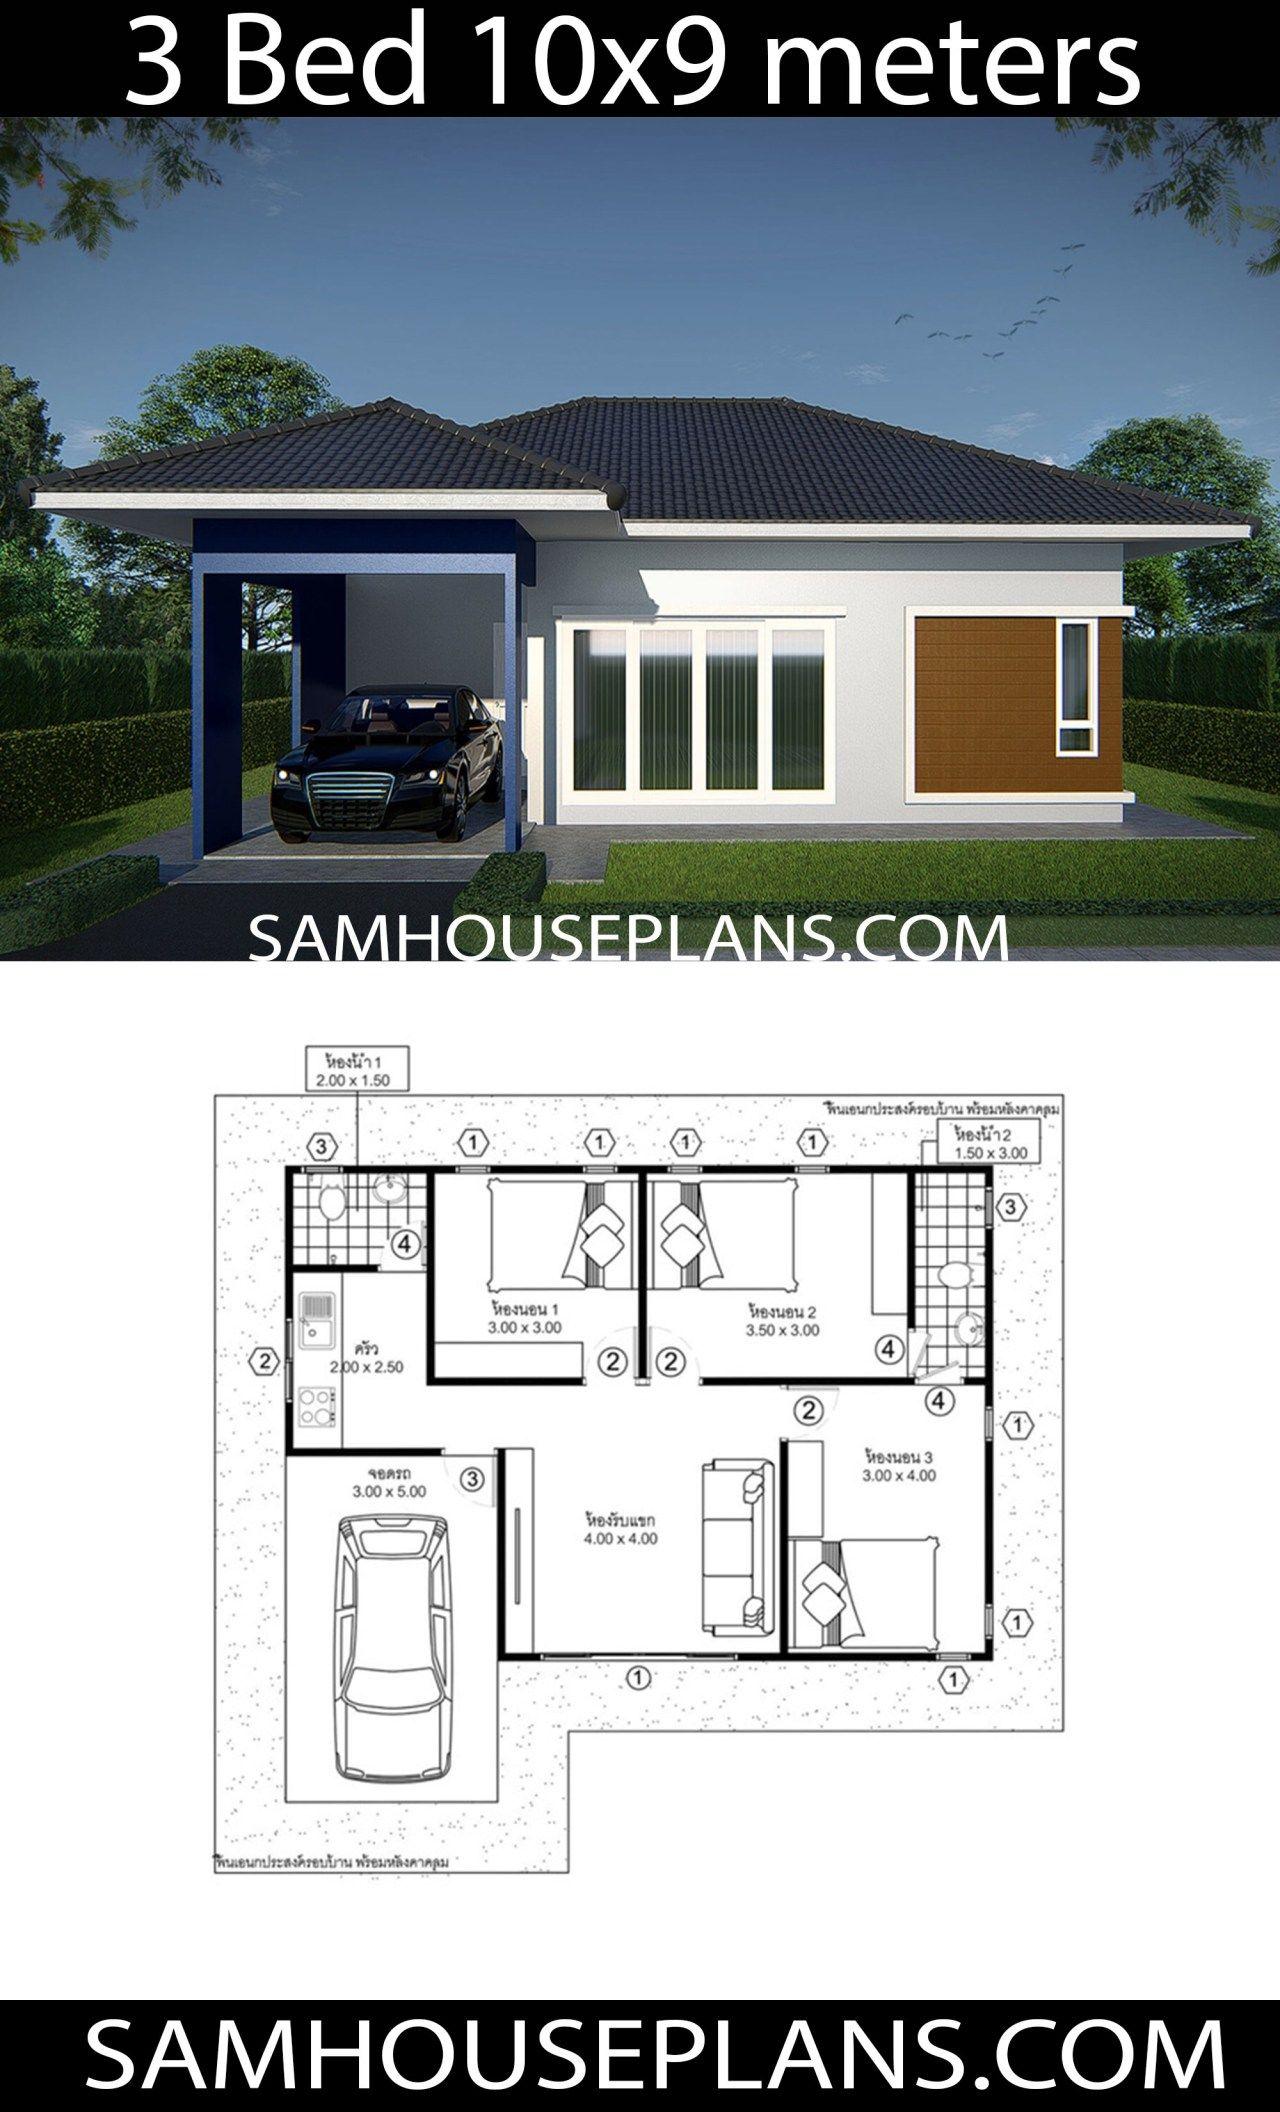 House Plans Idea 10x9 With 3 Bedrooms Sam House Plans Bungalow House Design House Plans Architectural House Plans